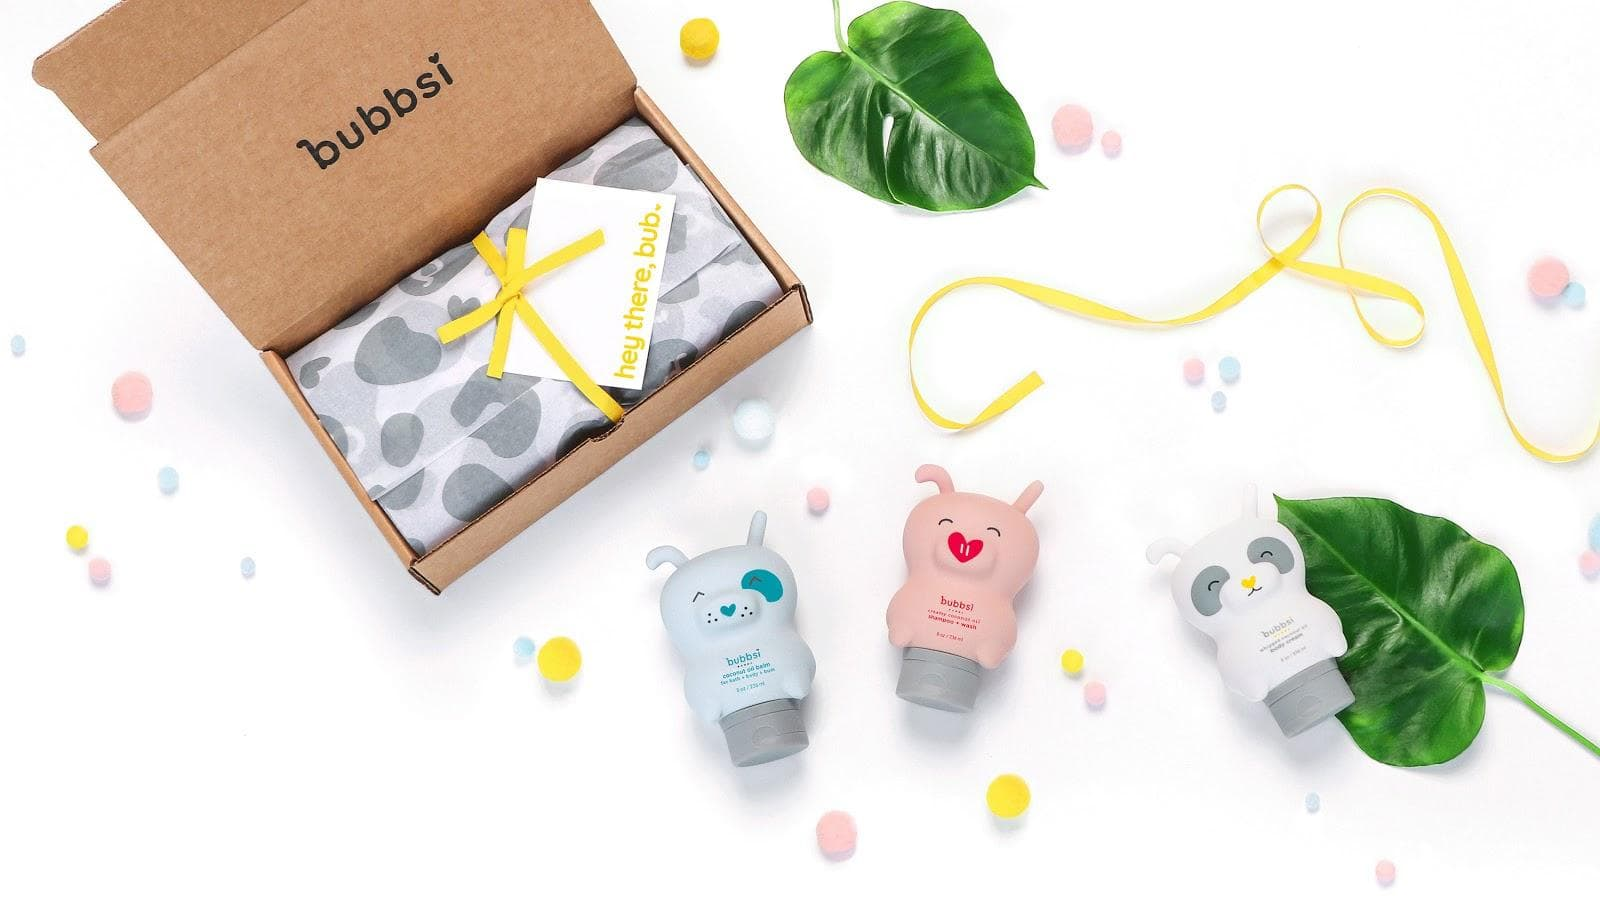 Bubbsi Skincare custom tissue paper